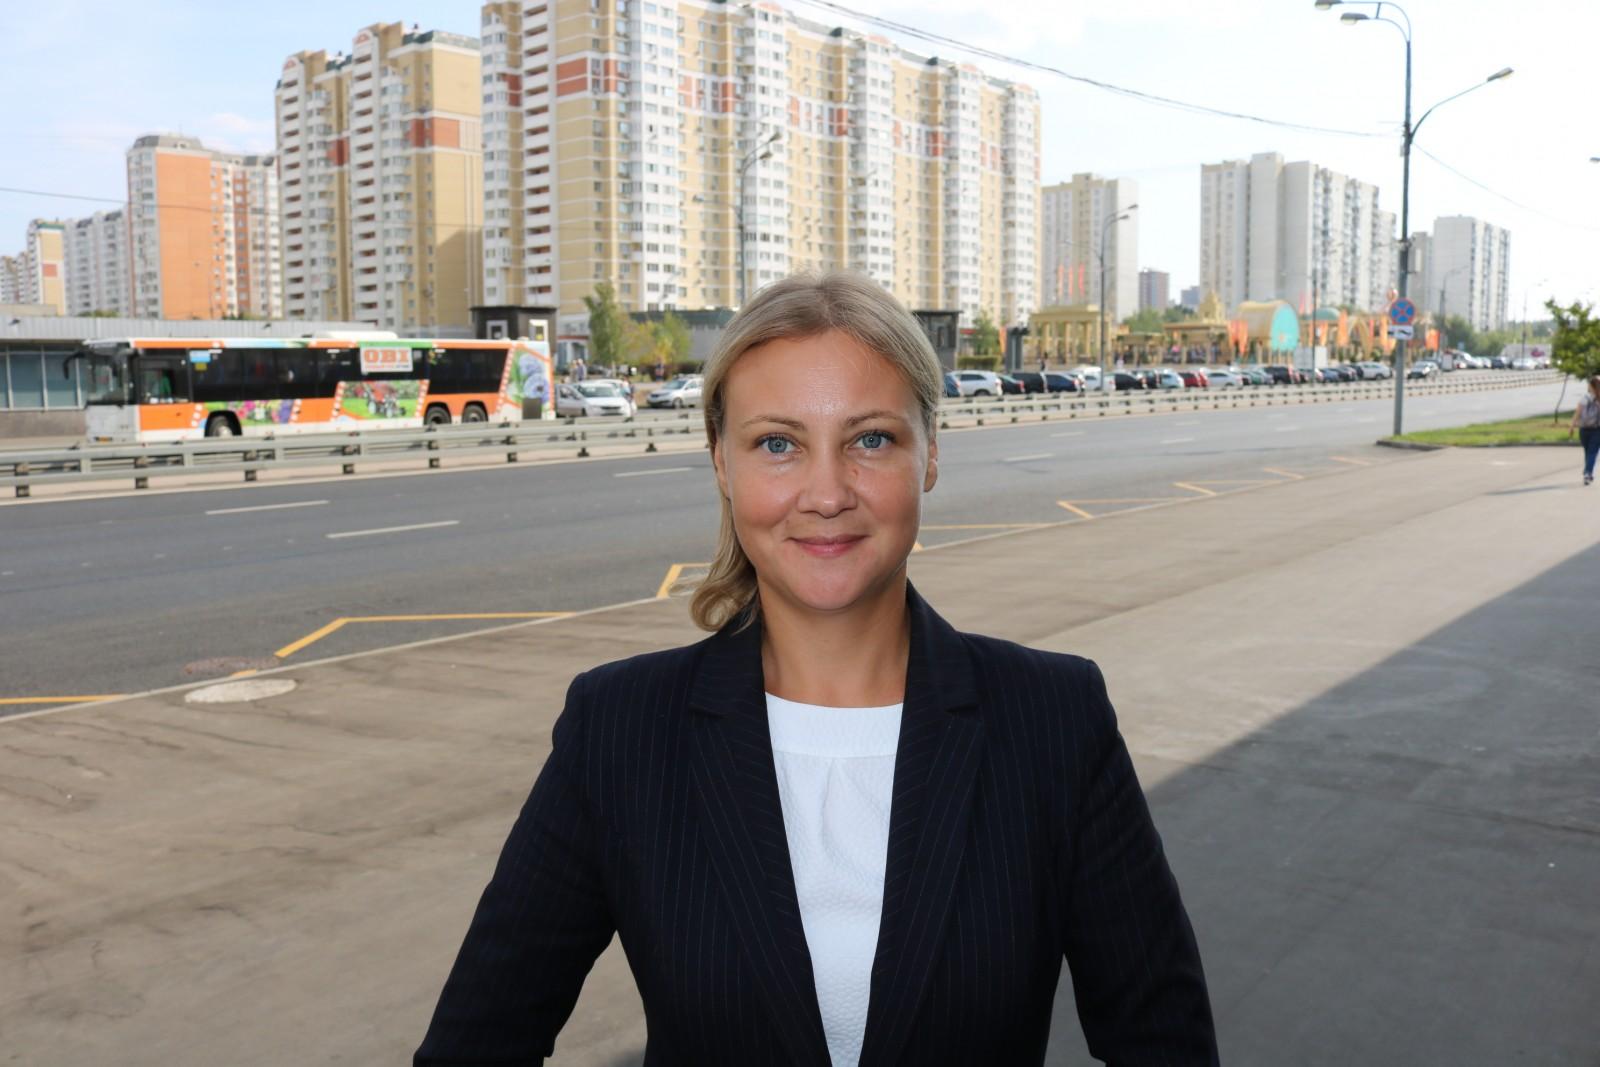 юридическая консультация на бульваре дмитрия донского